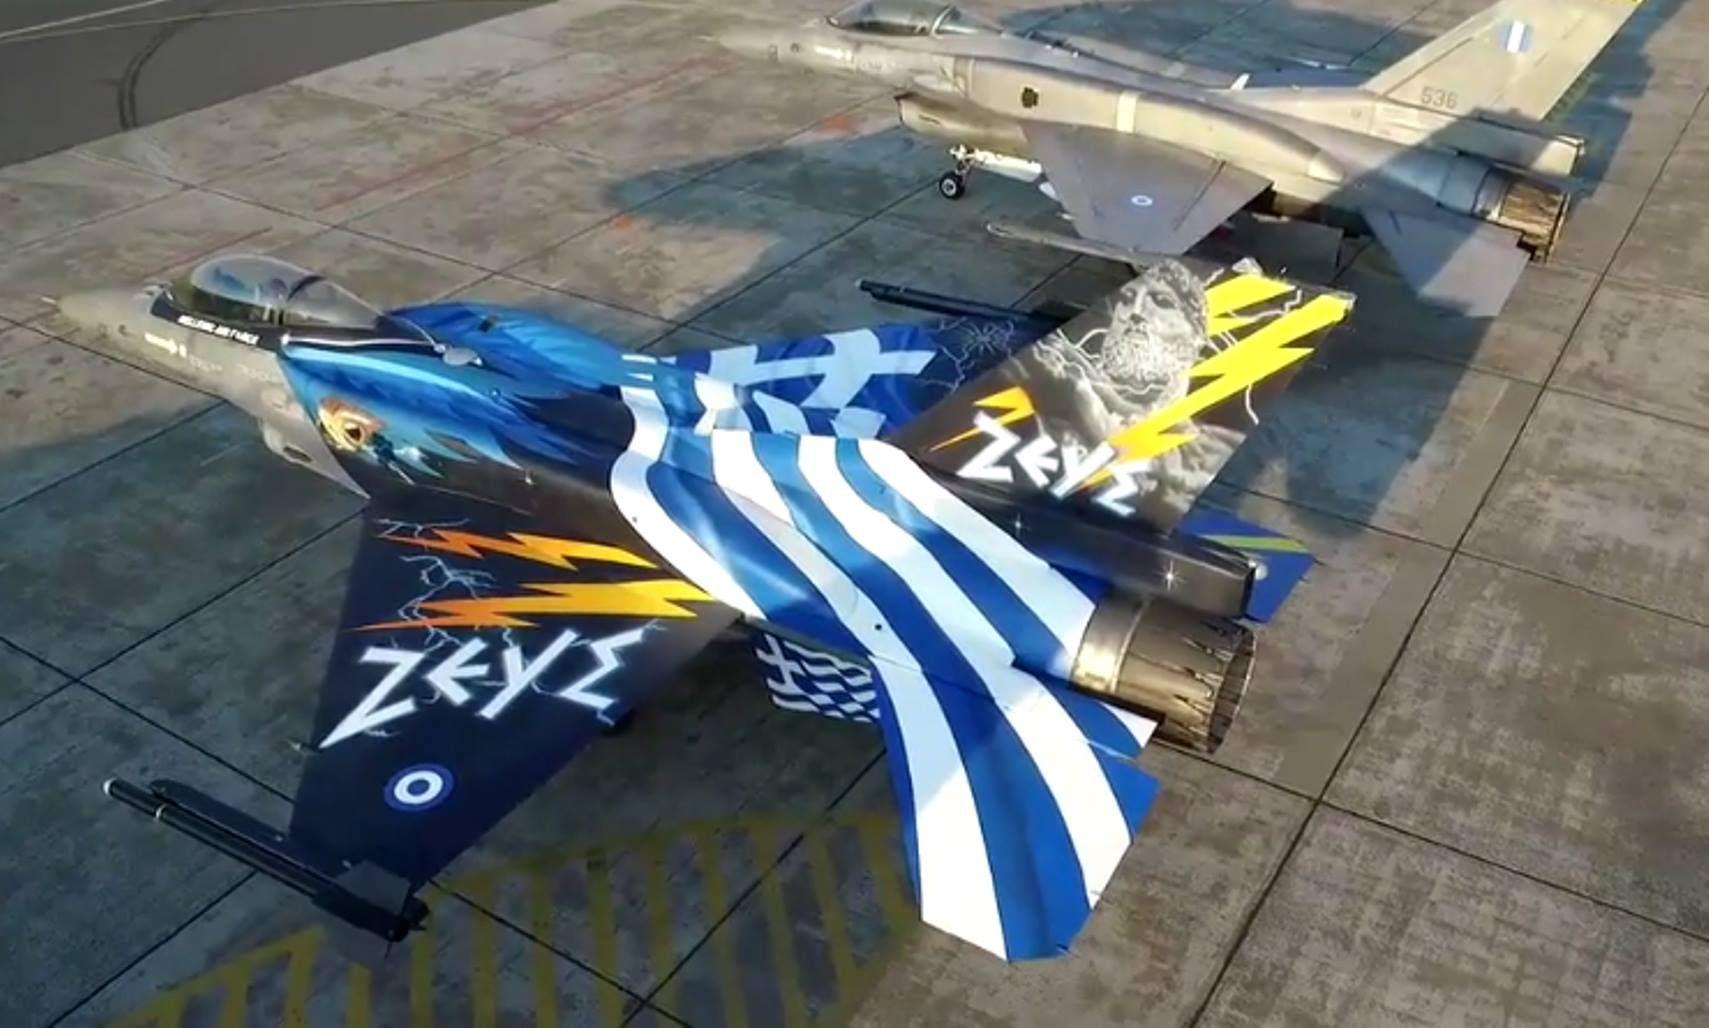 ΕΛΛΗΝΙΚΟ F16 VIPER ΕΝΑΝΤΙΟΝ F16 BLOCK 50 [ ΤΟΥΡΚΙΚΟ]